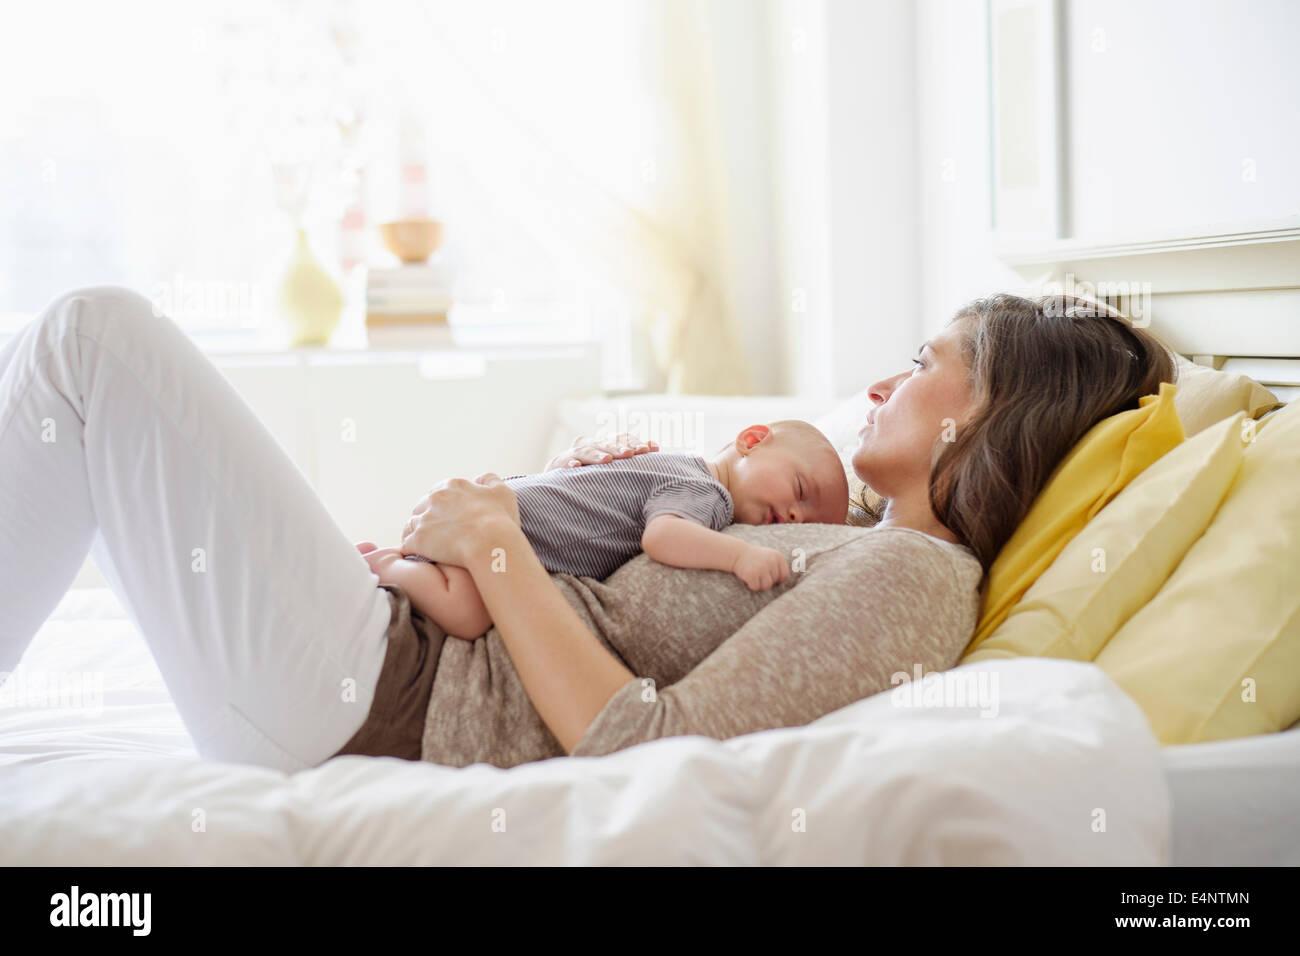 Madre giacente in letto con baby boy (2-5 mesi) Immagini Stock